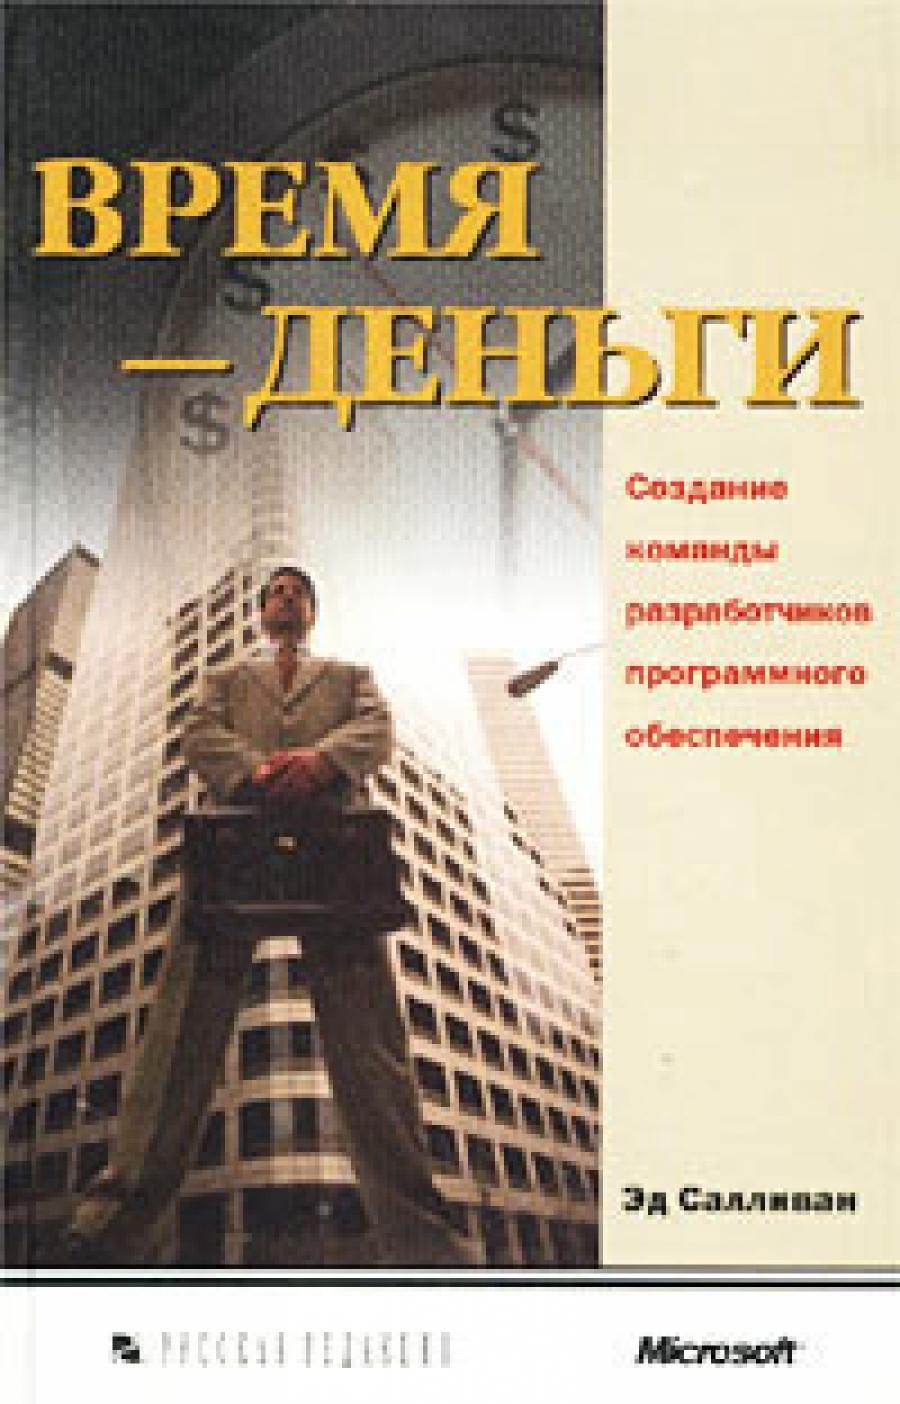 Обложка книги:  эд салливан - время - деньги. создание команды разработчиков по